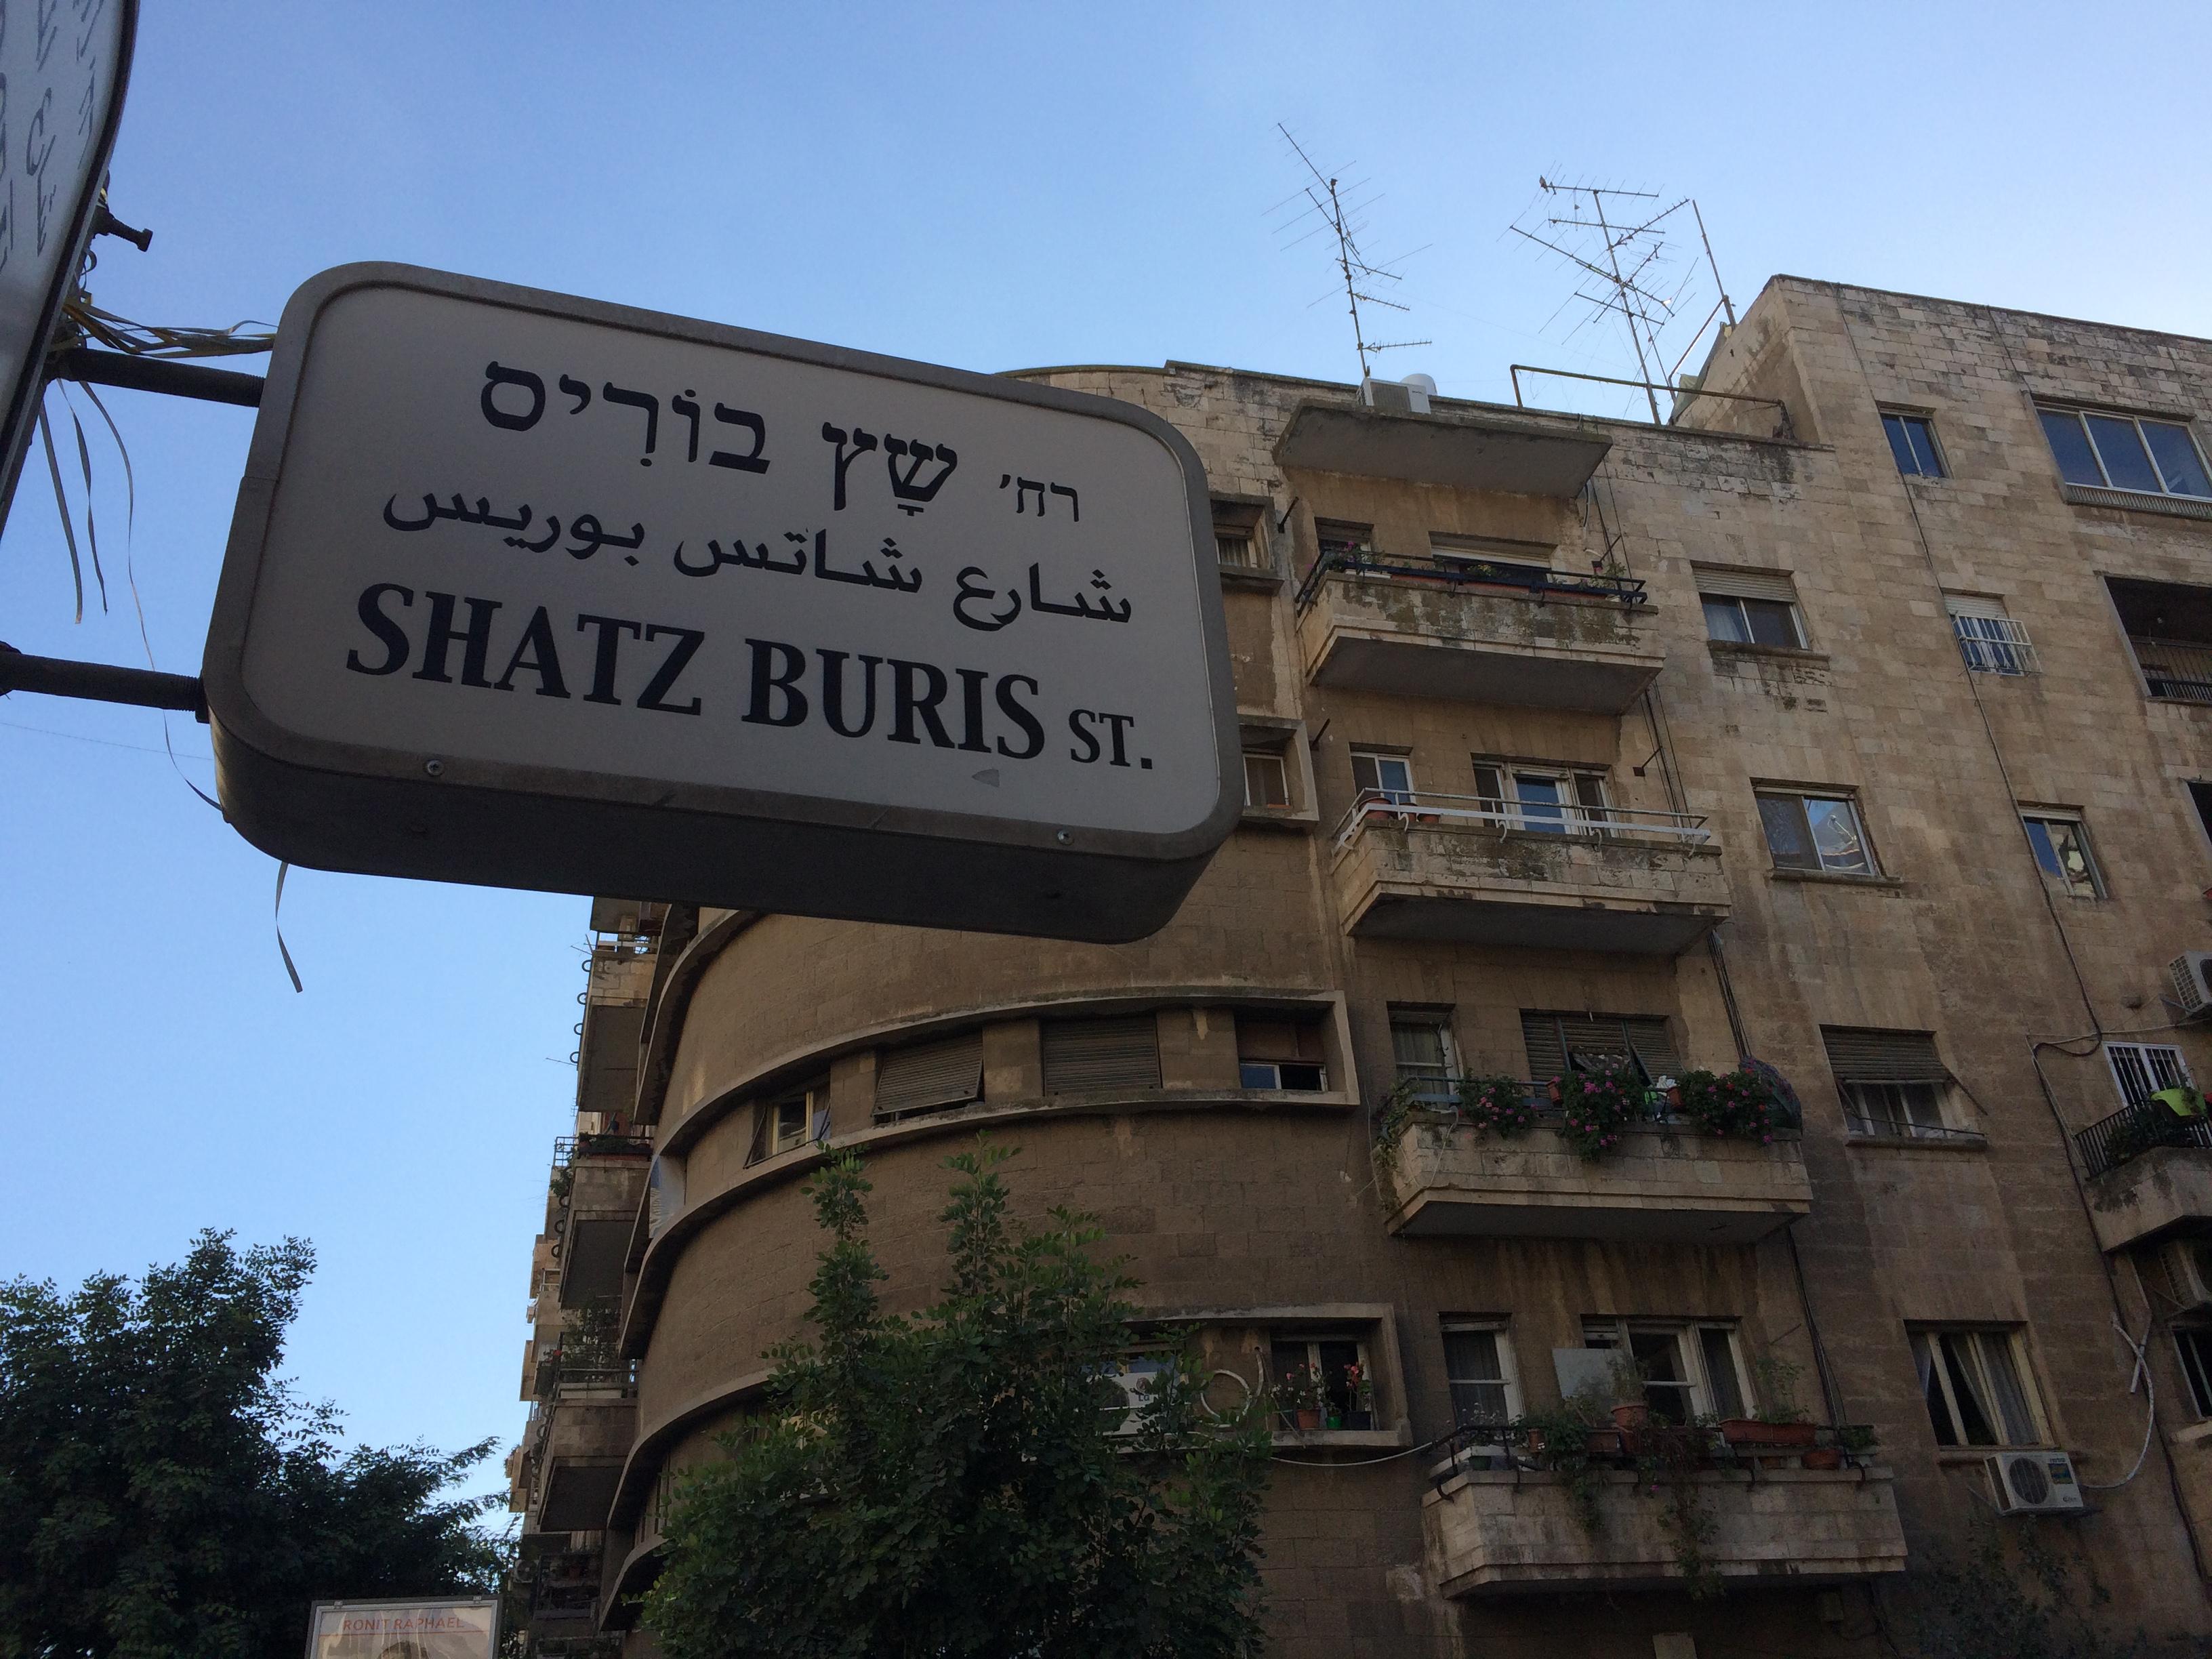 Jutzot Ierushalaim – XIX – Las calles de Jerusalém: Shatz Buris